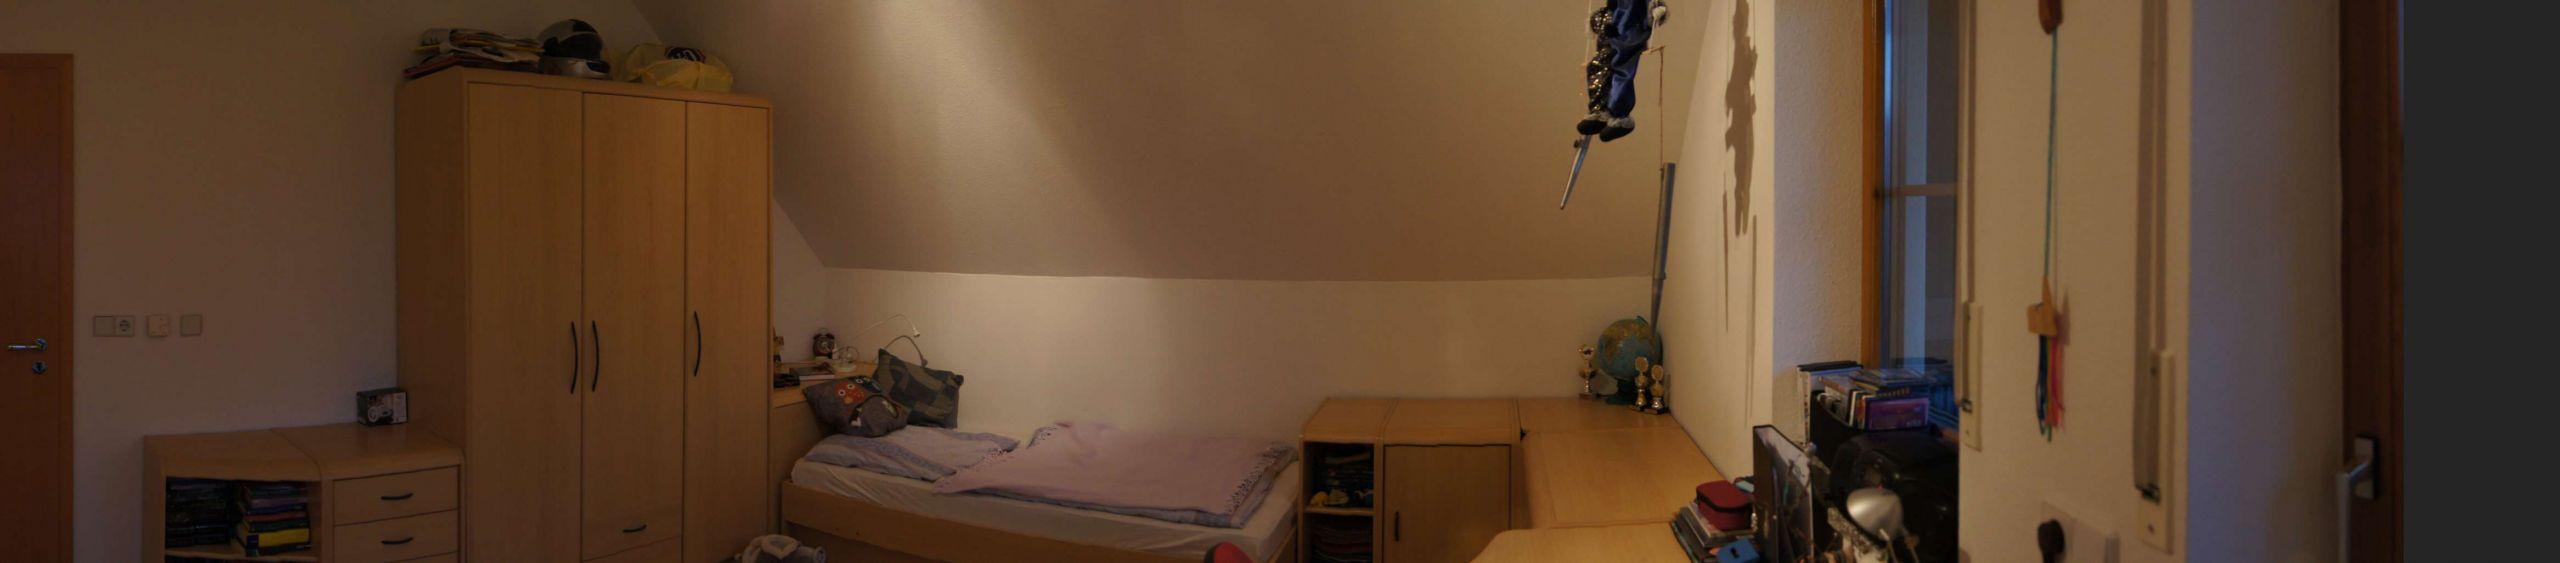 wie soll ich mein zimmer gestalten home ideen interessant einrichten wie soll ich mein zimmer gestalten farben c3 bcr schlafzimmer